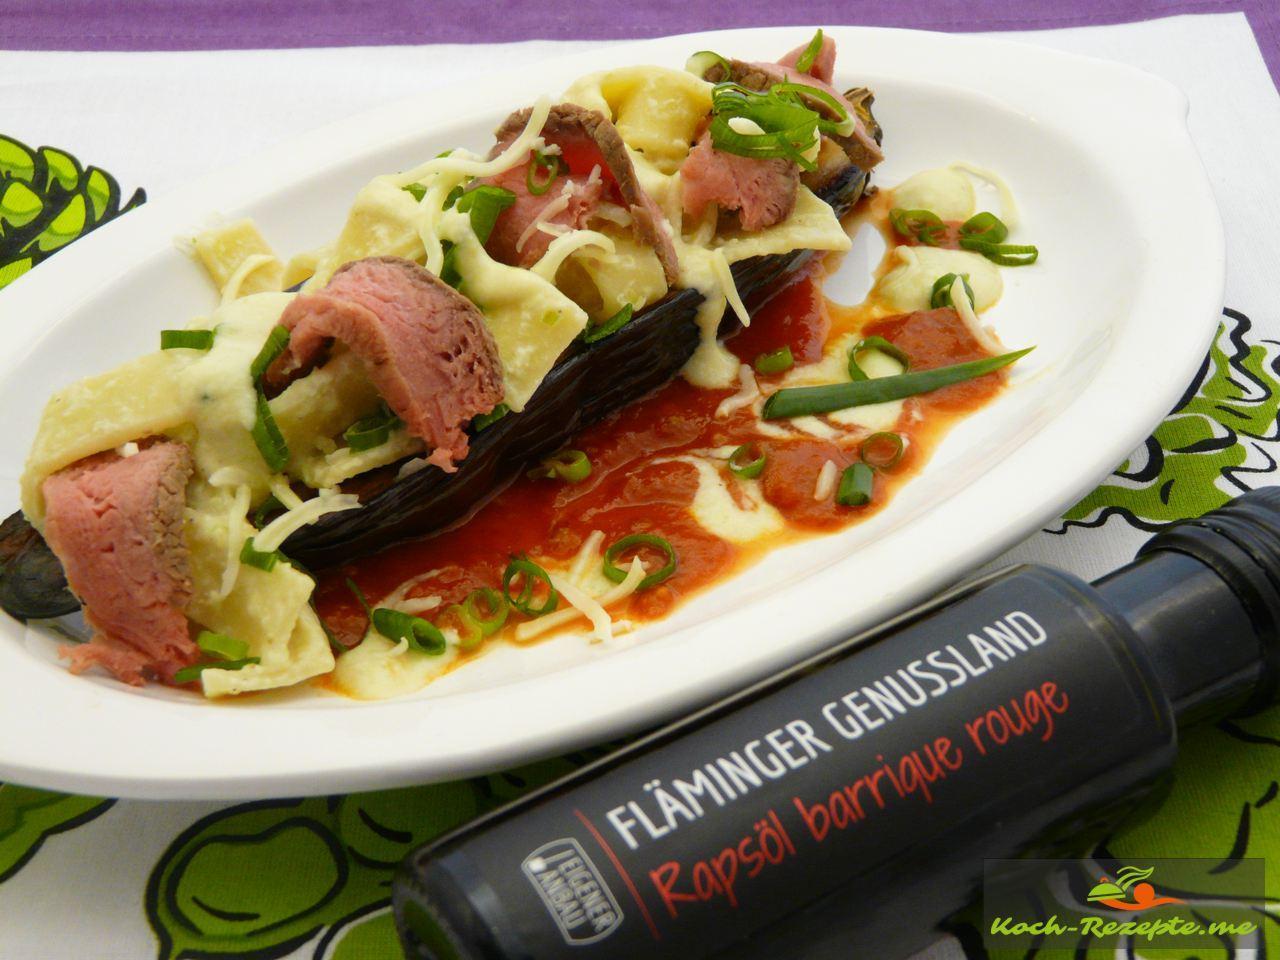 Für die Tomatensauce pikant würzen etwas Rapsöl Fläminger Genussland unterheben